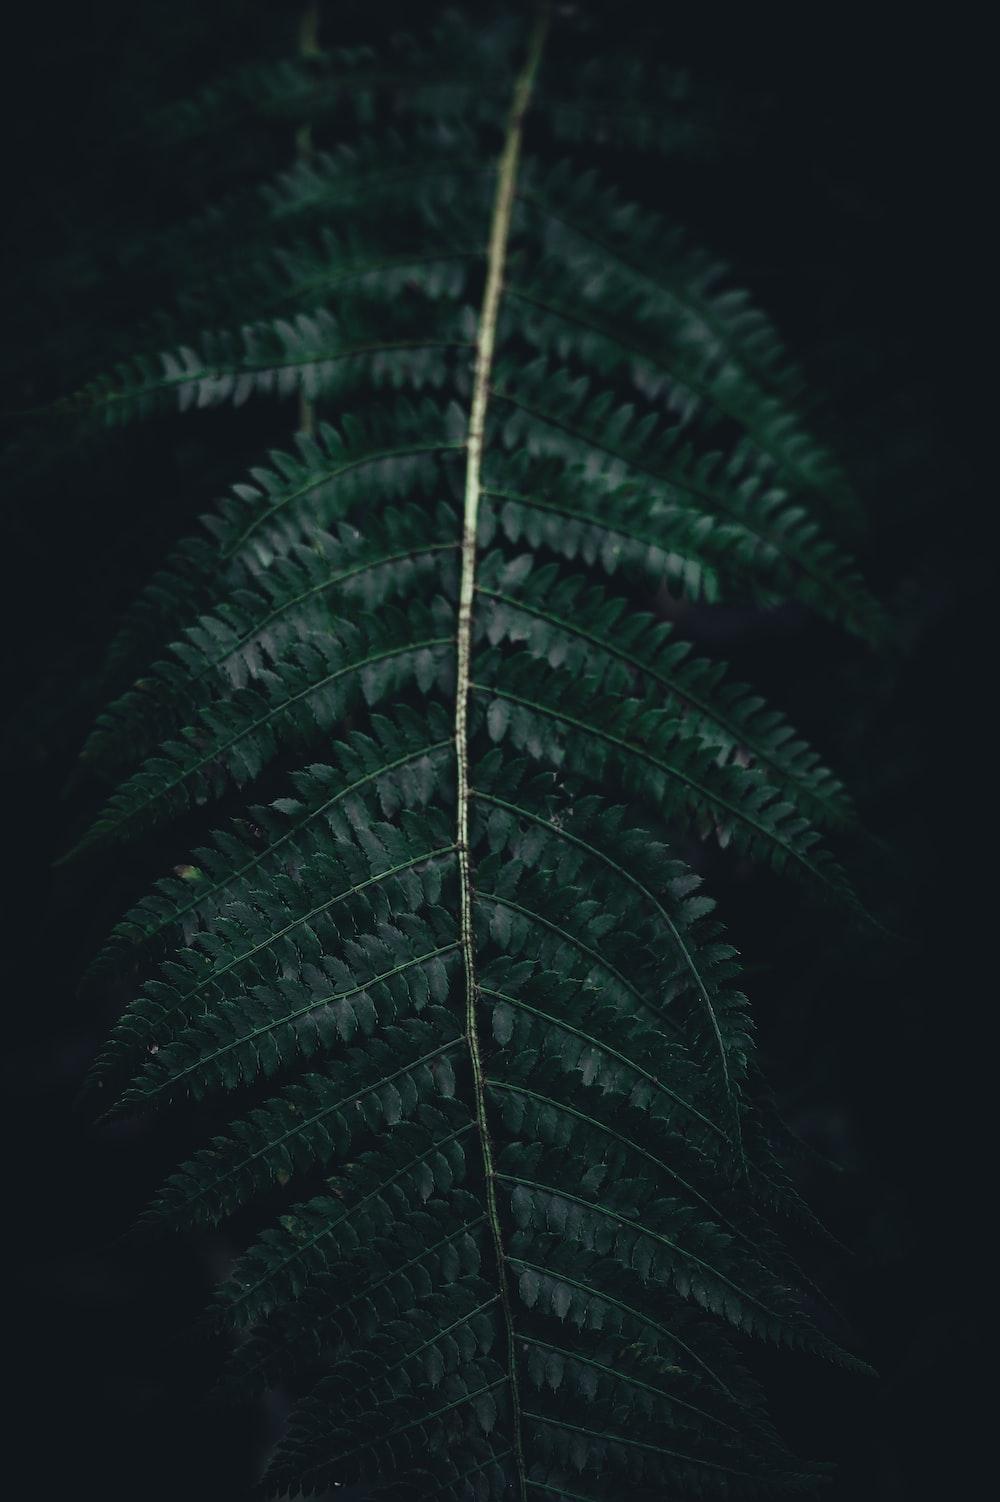 tilt shift lens photo of green plants